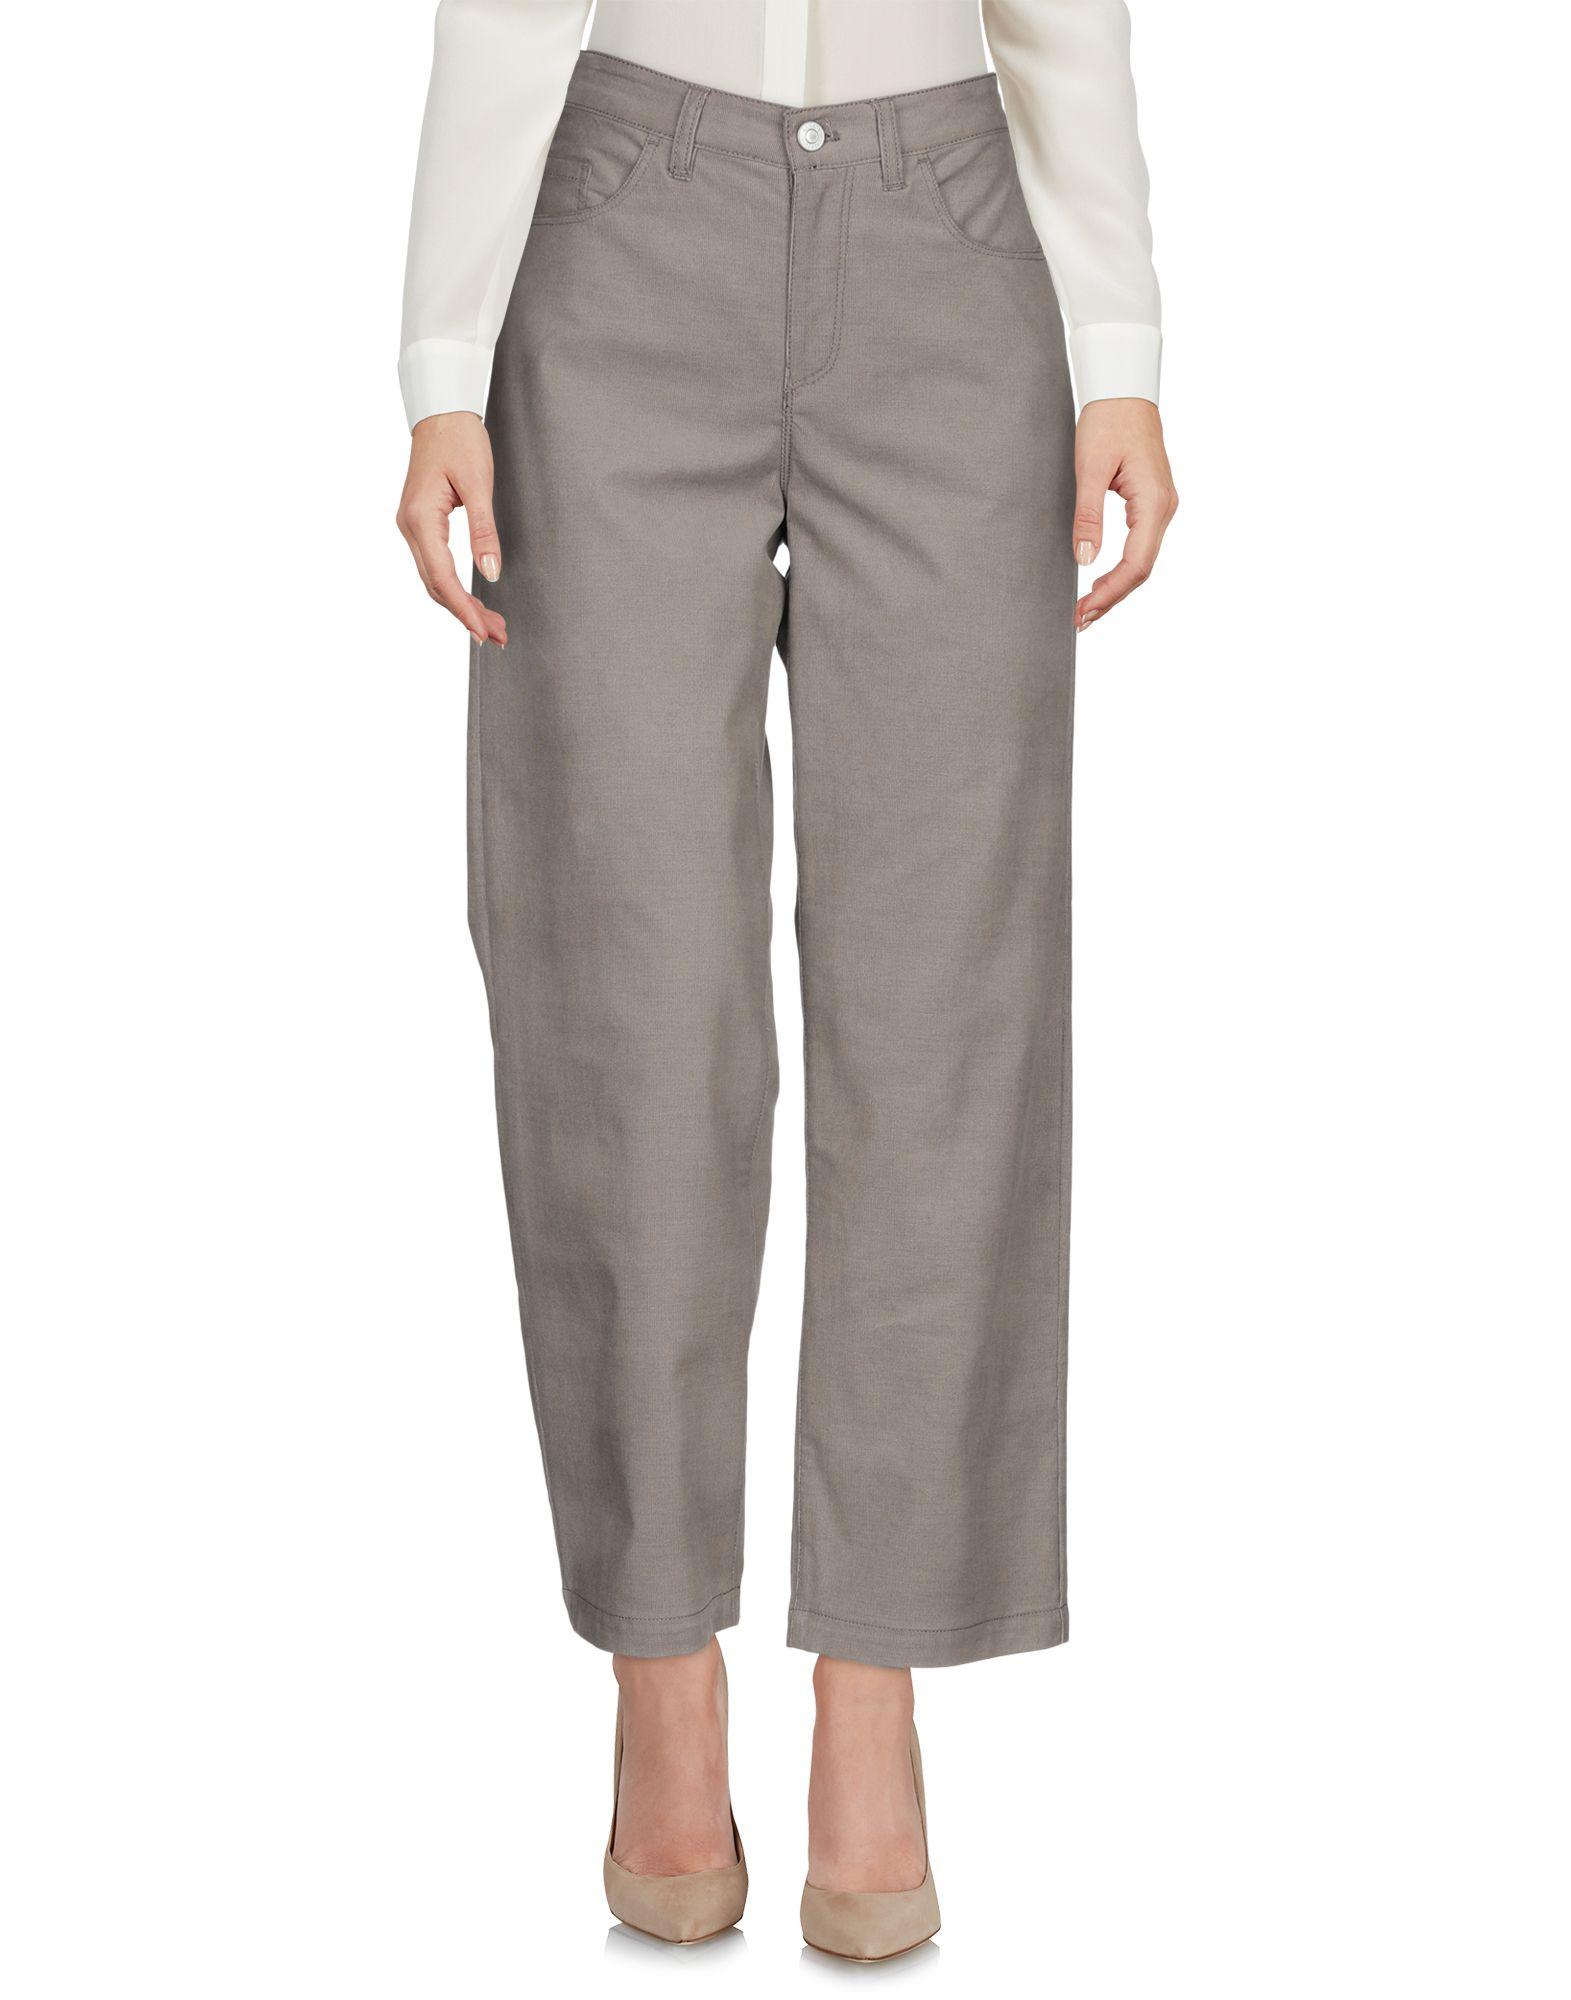 Pantalone Armani Jeans donna donna donna - 13188196XC cca